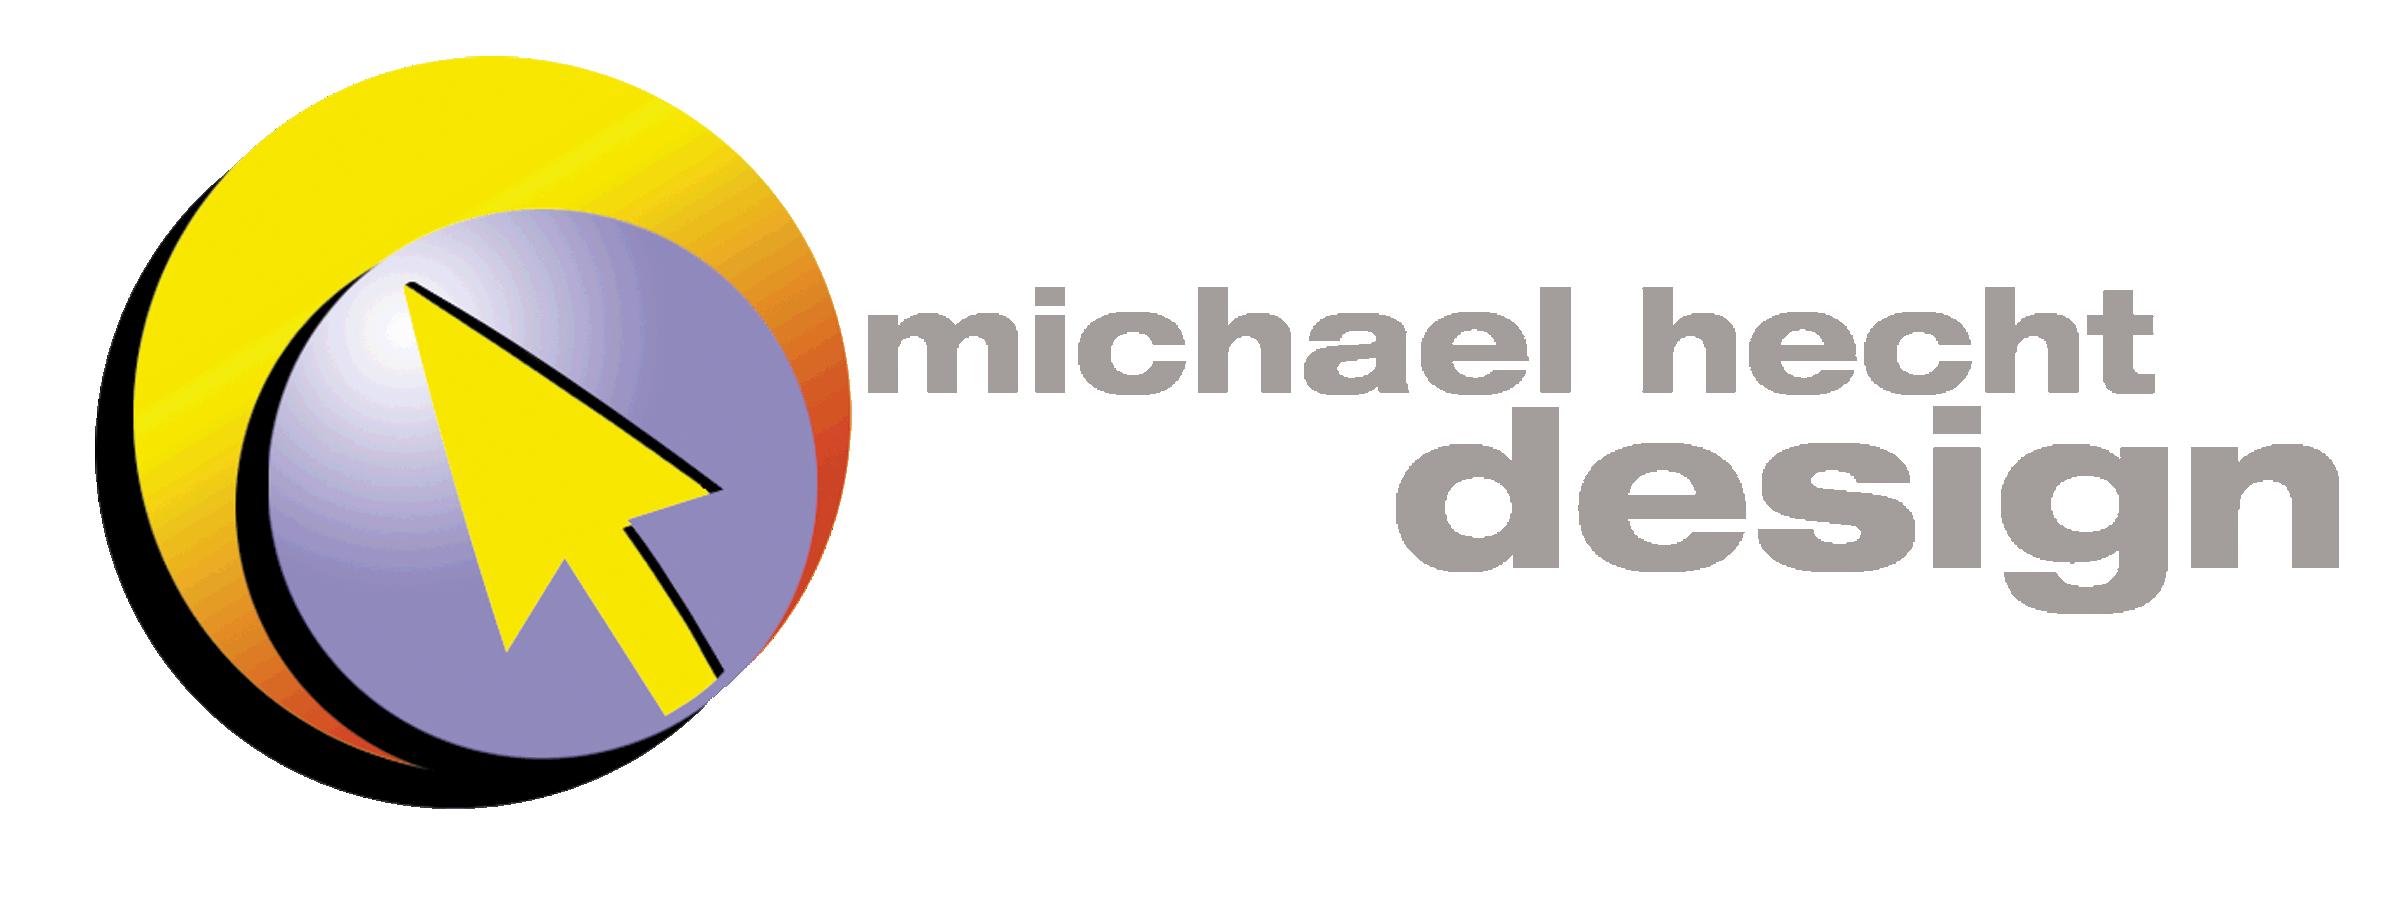 MICHAEL HECHT DESIGN